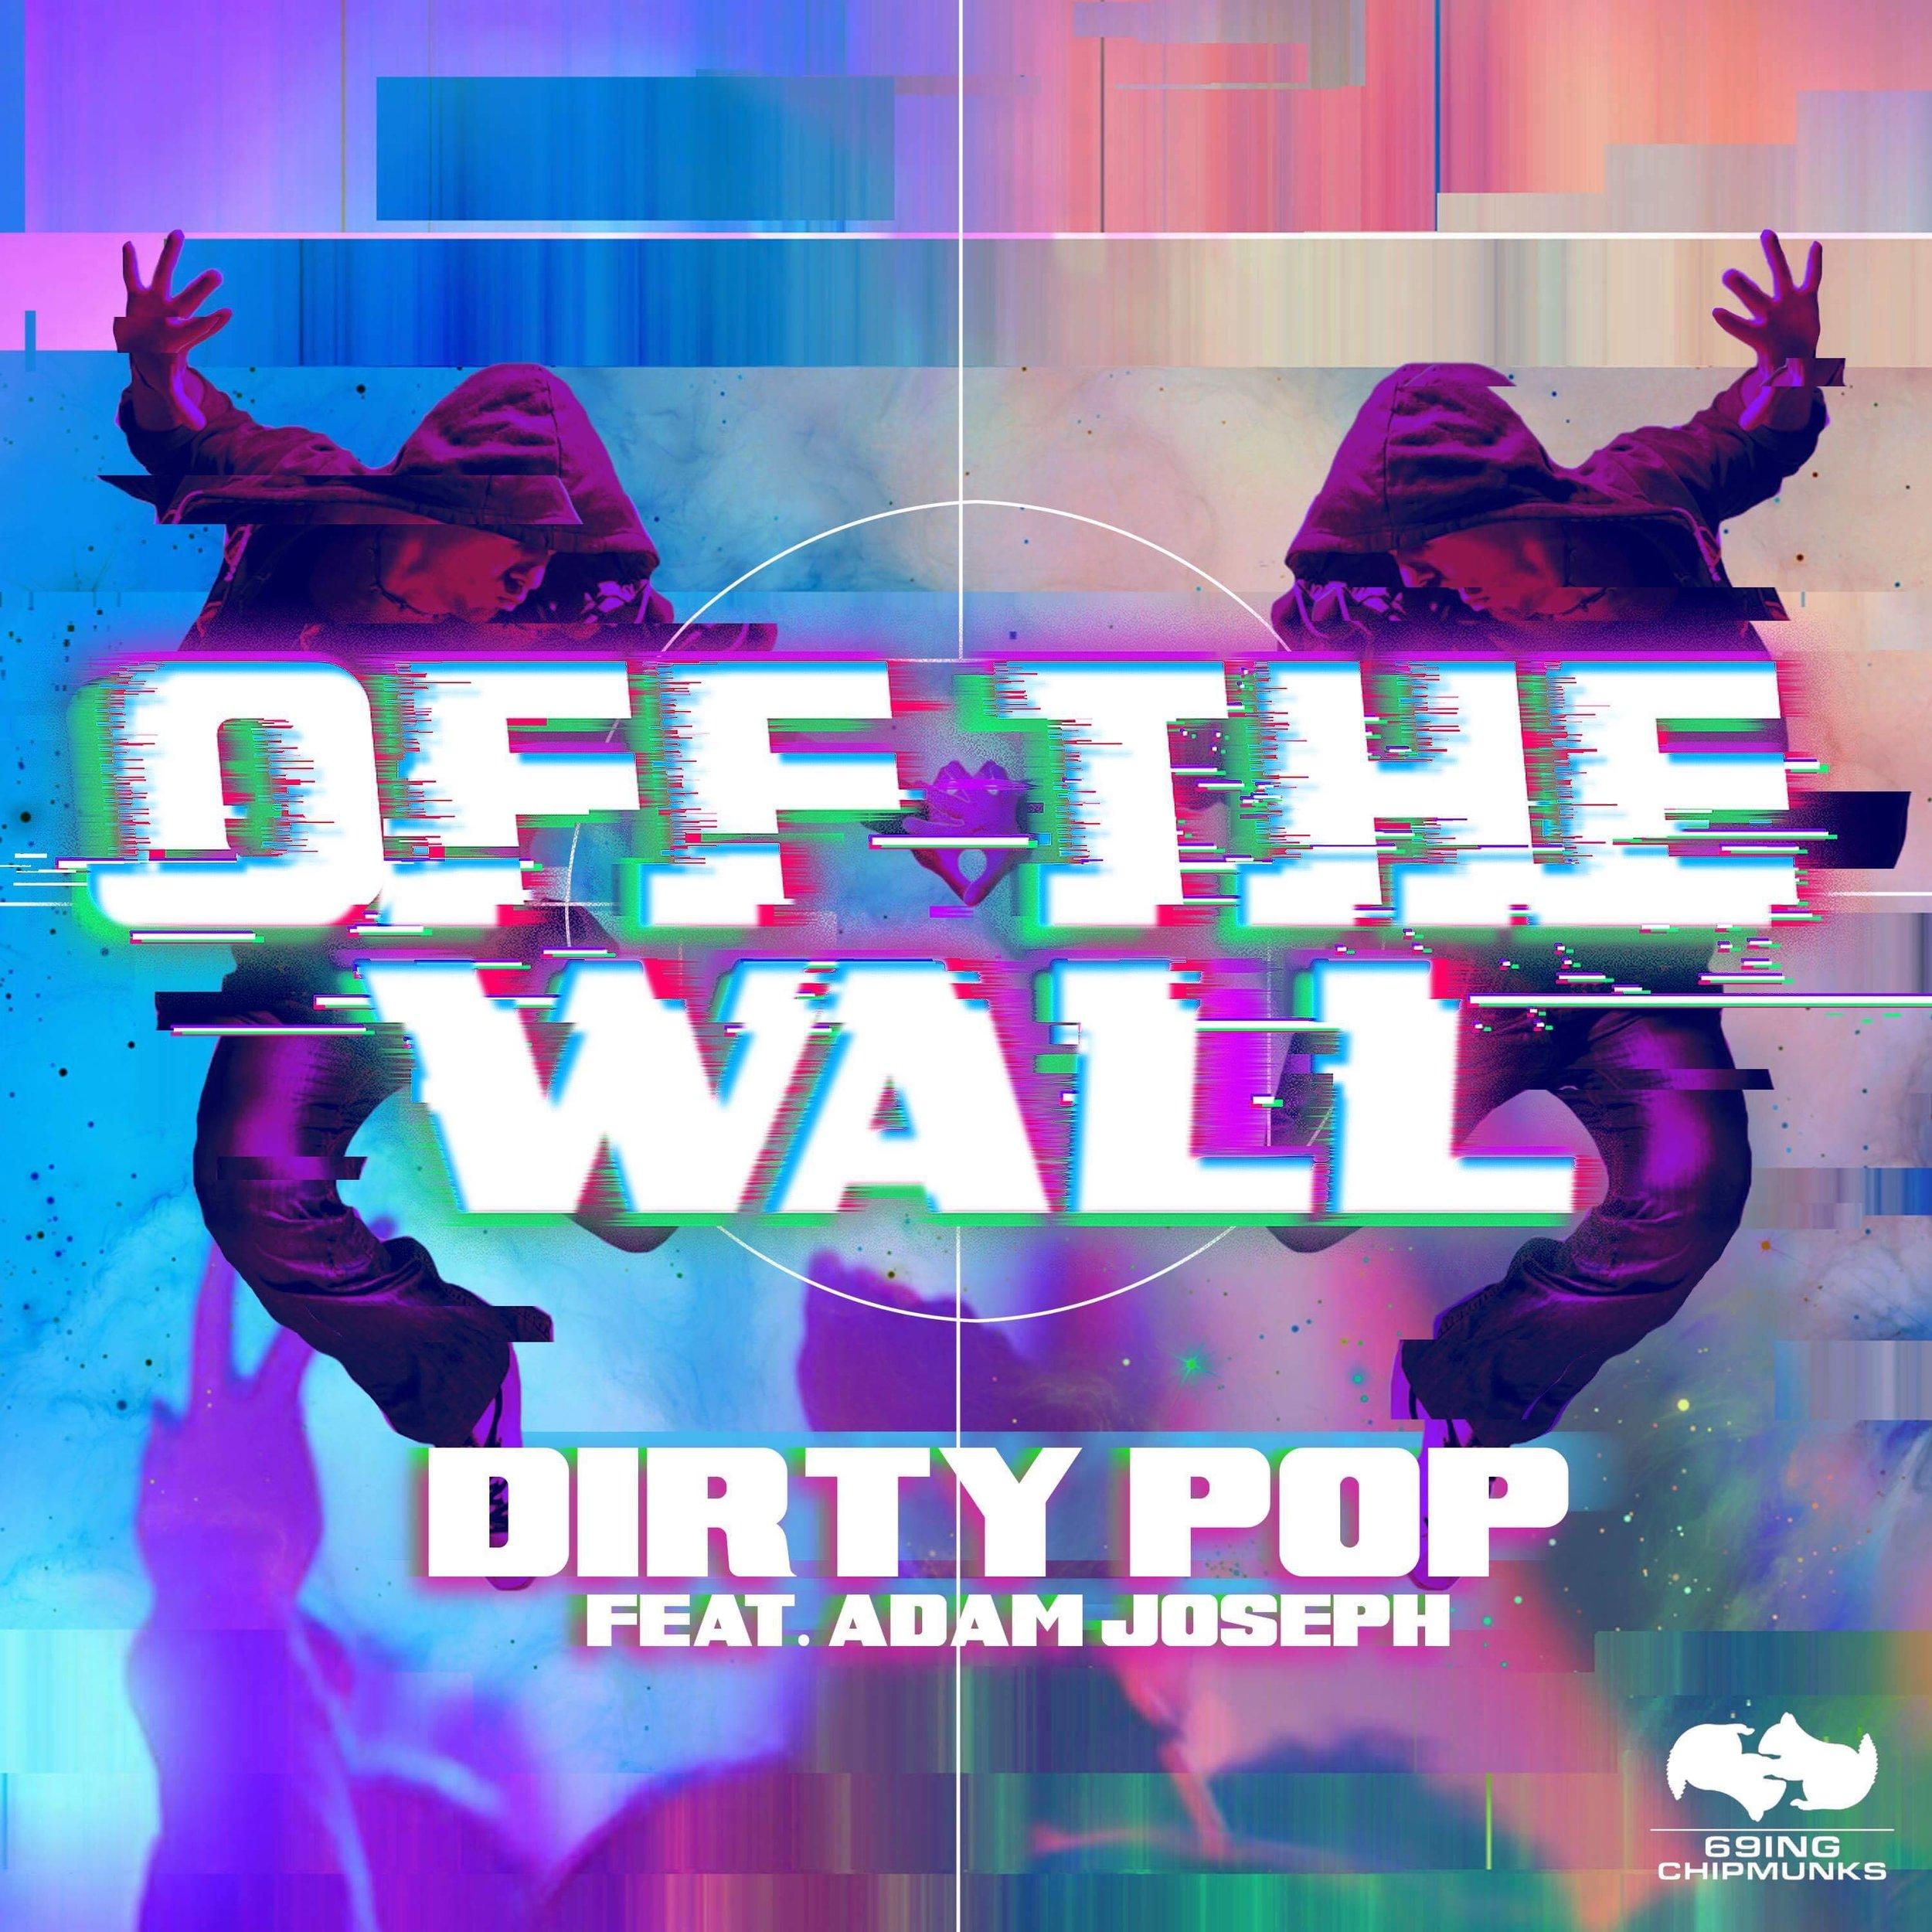 Dirty Pop ft. Adam Joseph - Off The Wall